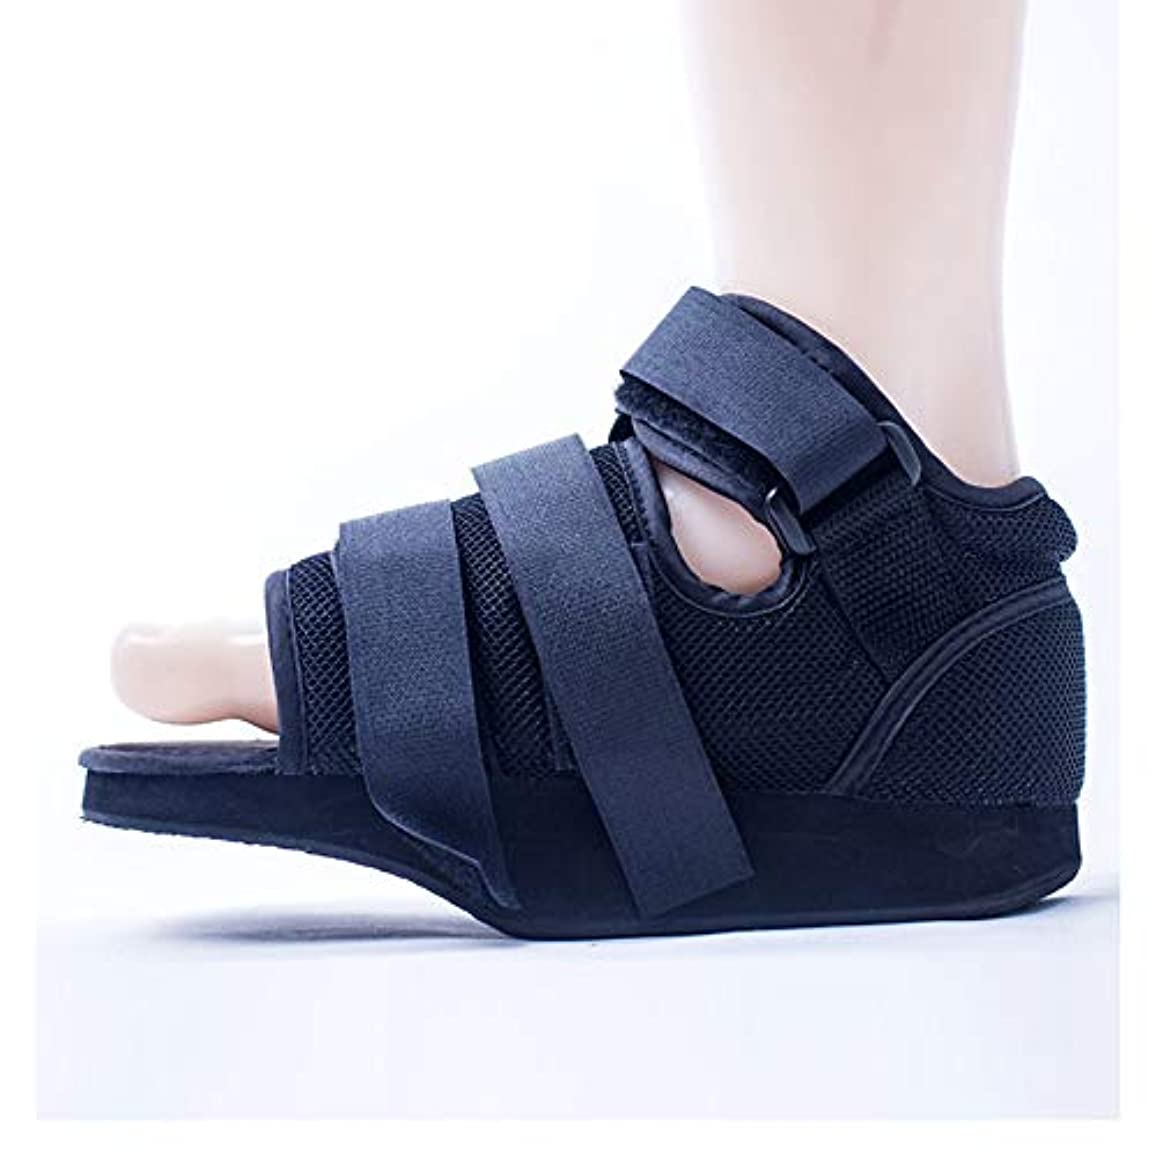 ドナウ川名前埋め込む壊れたつま先/足の骨折のための術後スクエアトゥウォーキングシューズ - ボトムキャストシューズ術後の靴 - 調節可能な医療ウォーキングブーツ (Size : L)